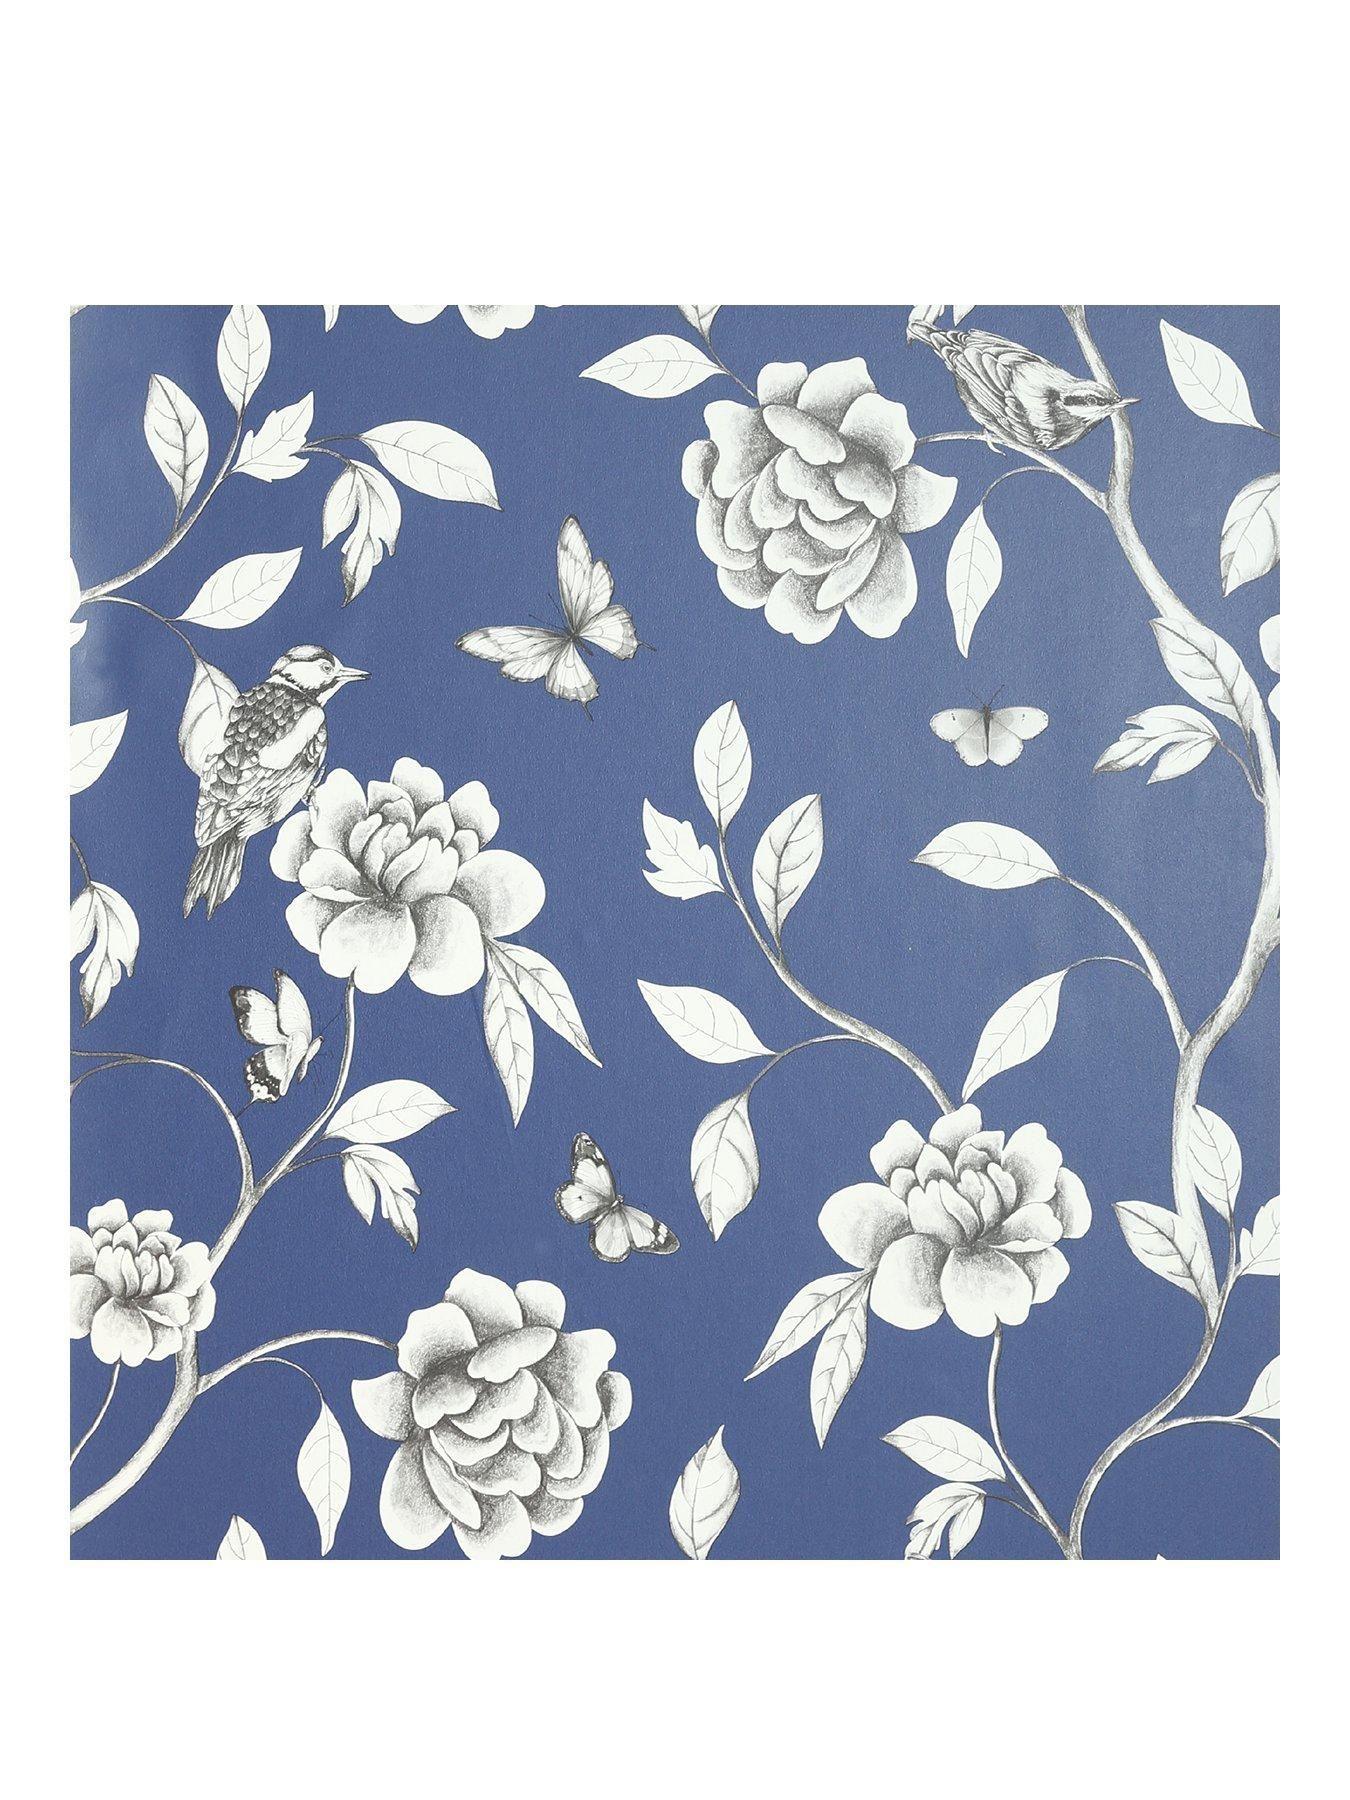 Arthouse Rose Garden Wallpaper In Blue Arthouse Blue Garden Rose Wallpaper A Arthouse Blue Bluearthouse Garden Ros In 2020 Wallpaper Home Art Rose Wallpaper